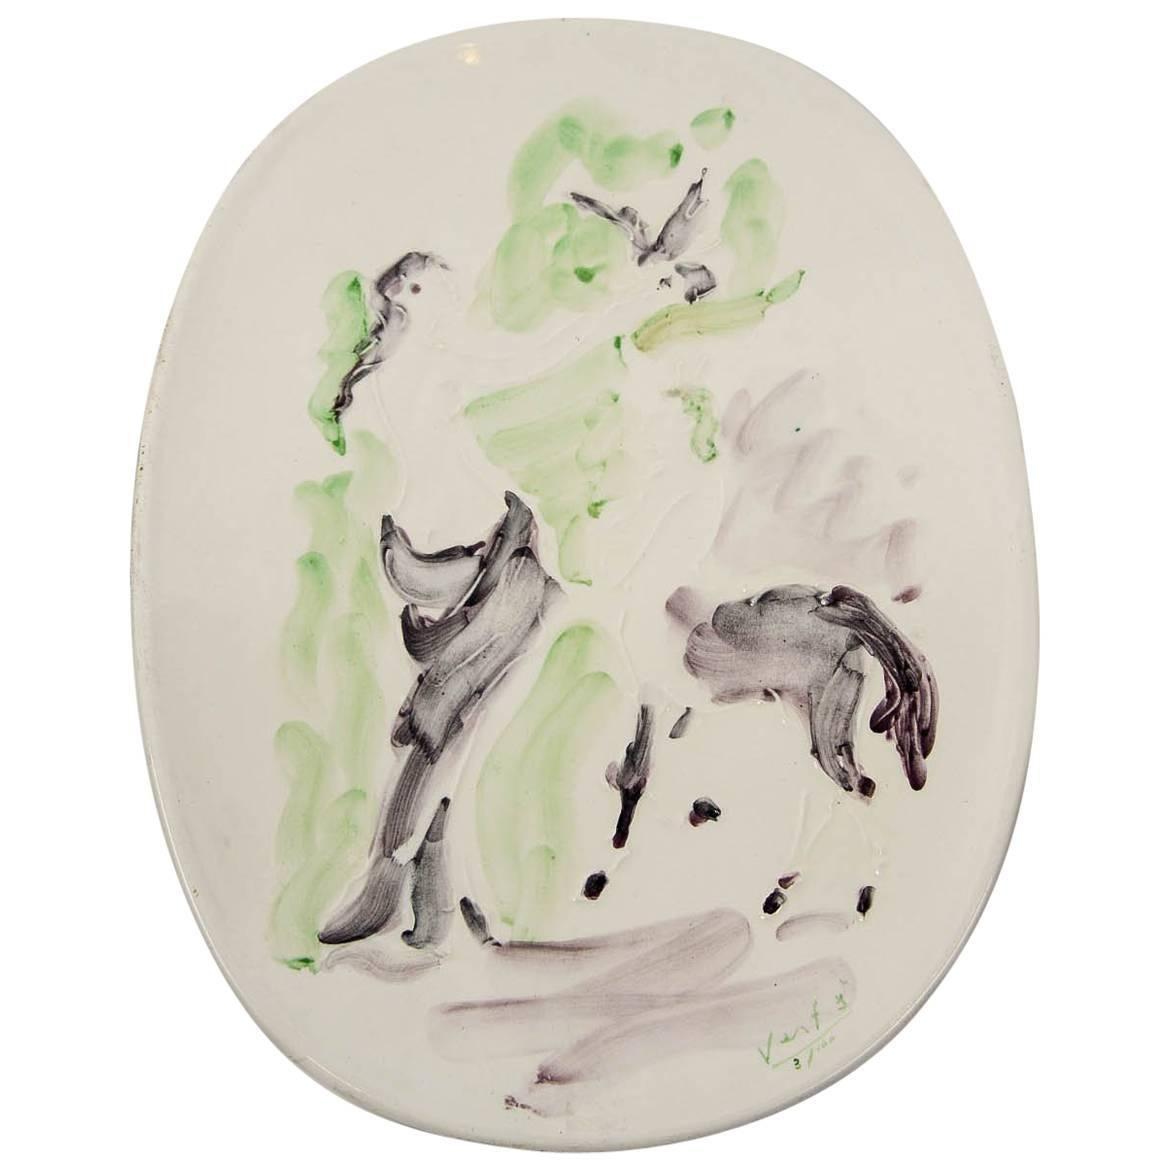 Marcel Vertes Beautiful Plate in Ceramic, Vallauris, circa 1955